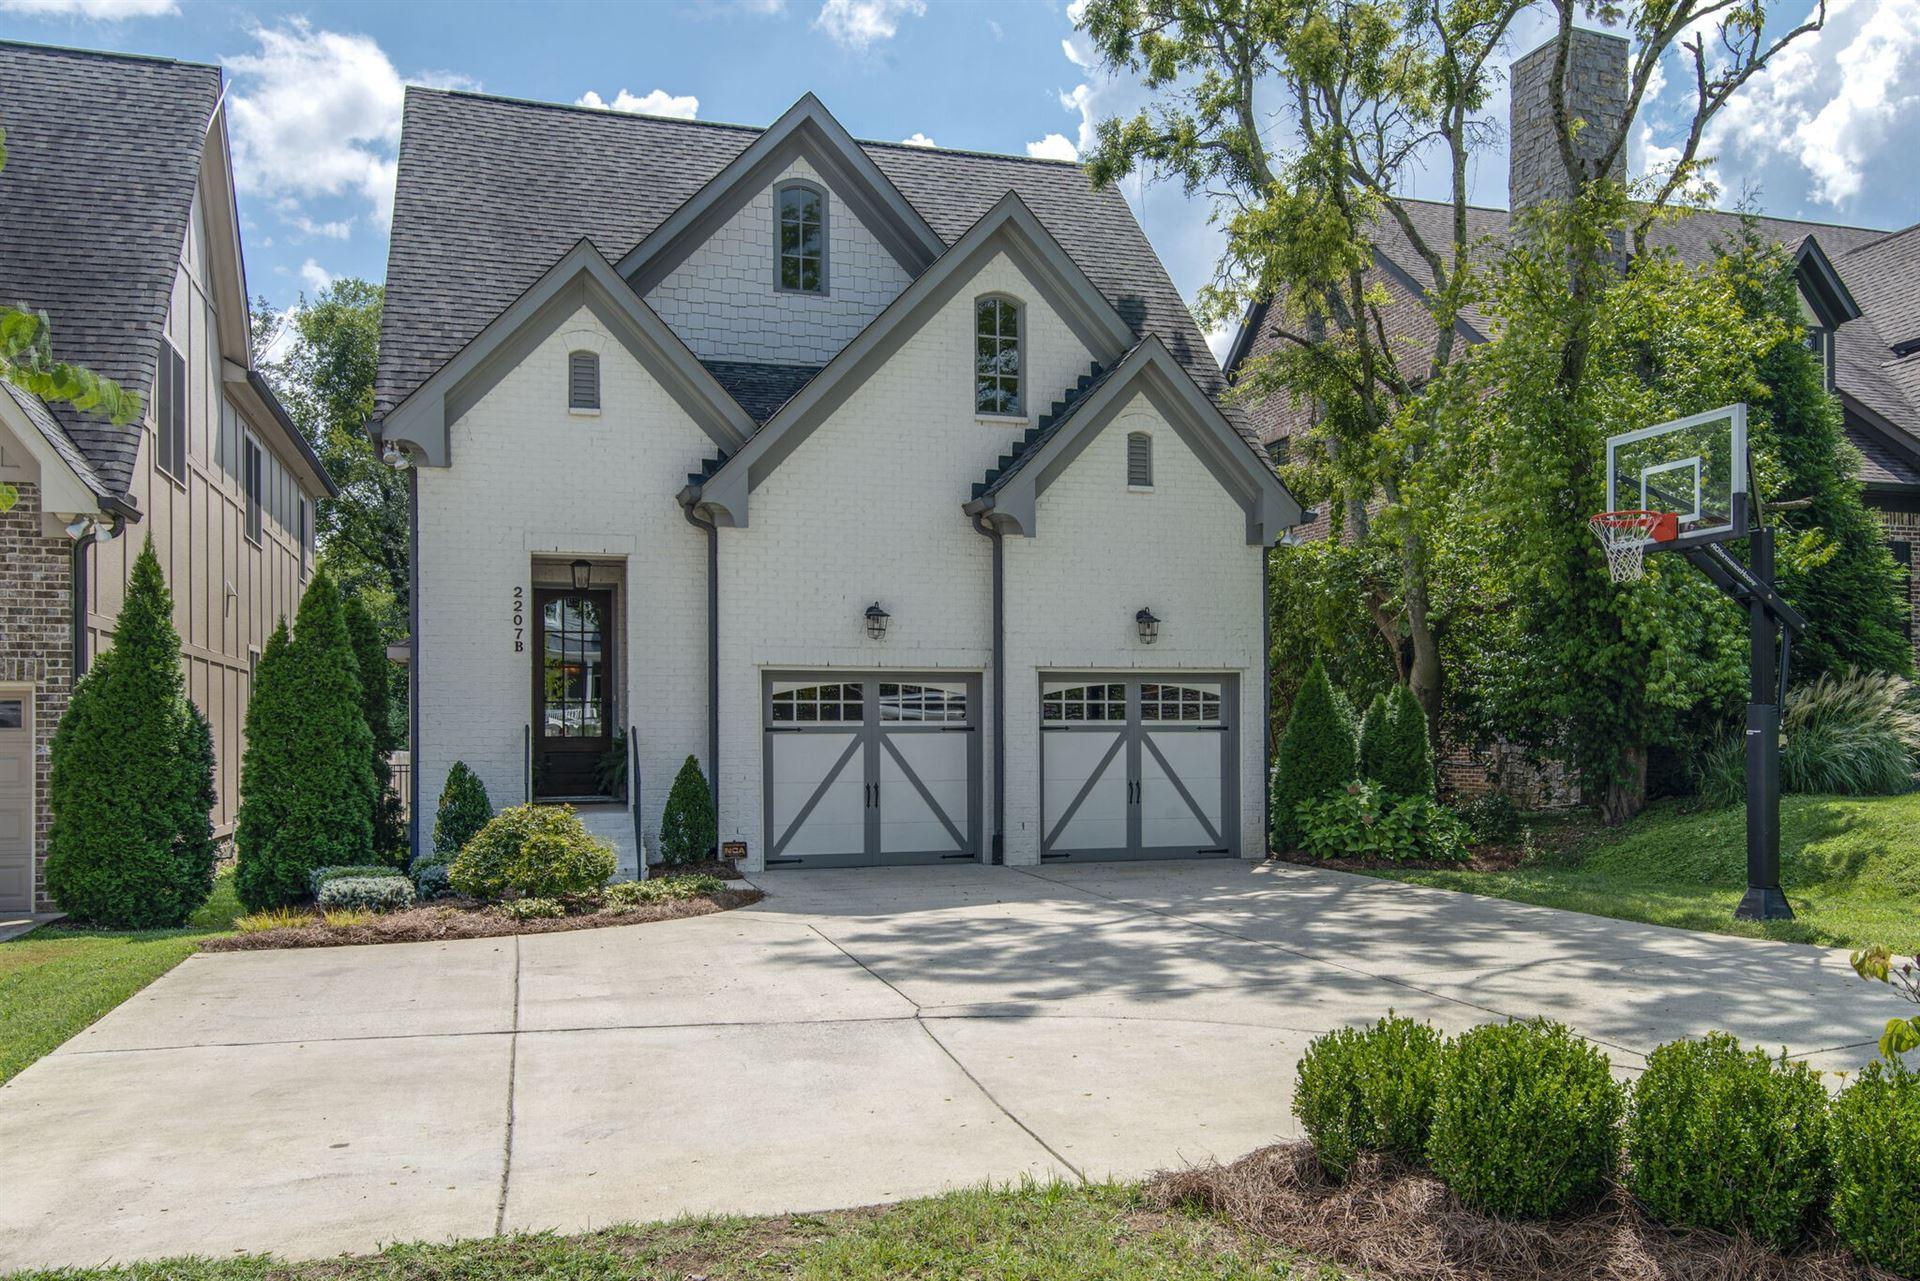 2207B Hobbs Rd, Nashville, TN 37215 - MLS#: 2183527